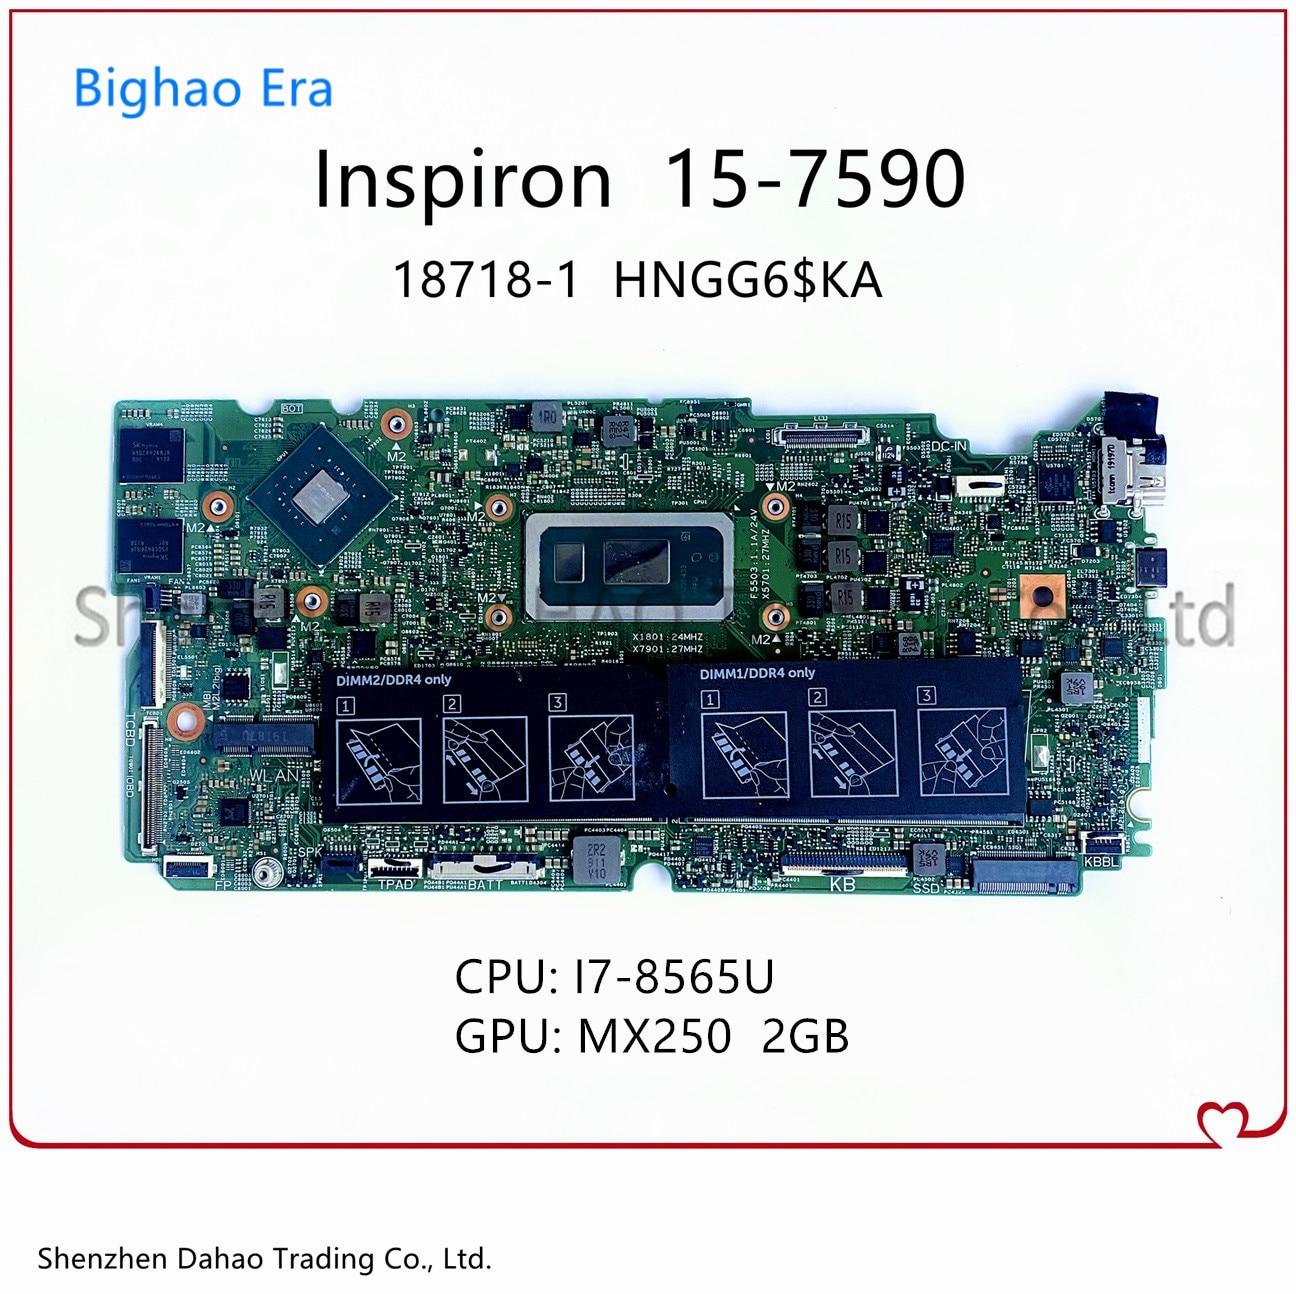 لأجهزة الكمبيوتر المحمول Dell Inspiron 15 7000 7590 2-in-1 لوحة أم HNGG6 $ KA 18718-1 مع i7-8565U MX250 2G-GPU CN 0X8Y3N X8Y3N